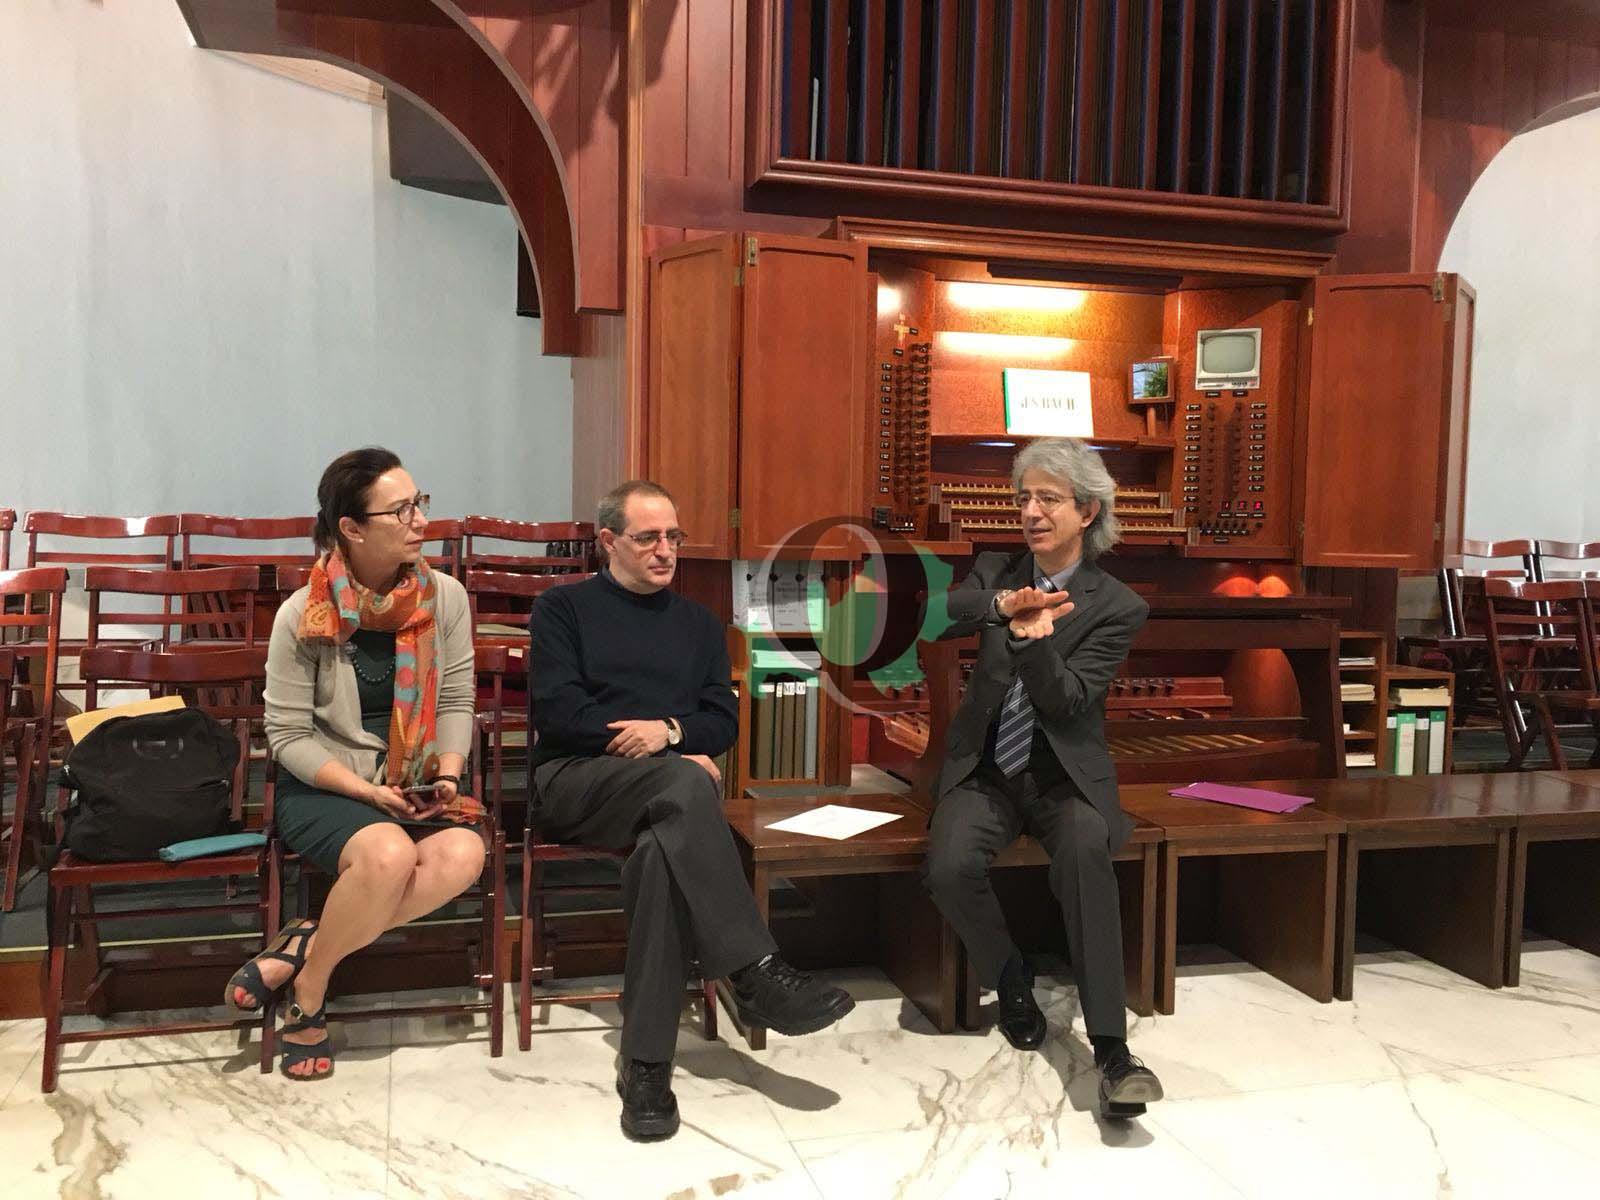 Cattedrale di Campobasso: presentati eventi per celebrare i 25 anni dell'organo (VIDEO INTERVISTA)